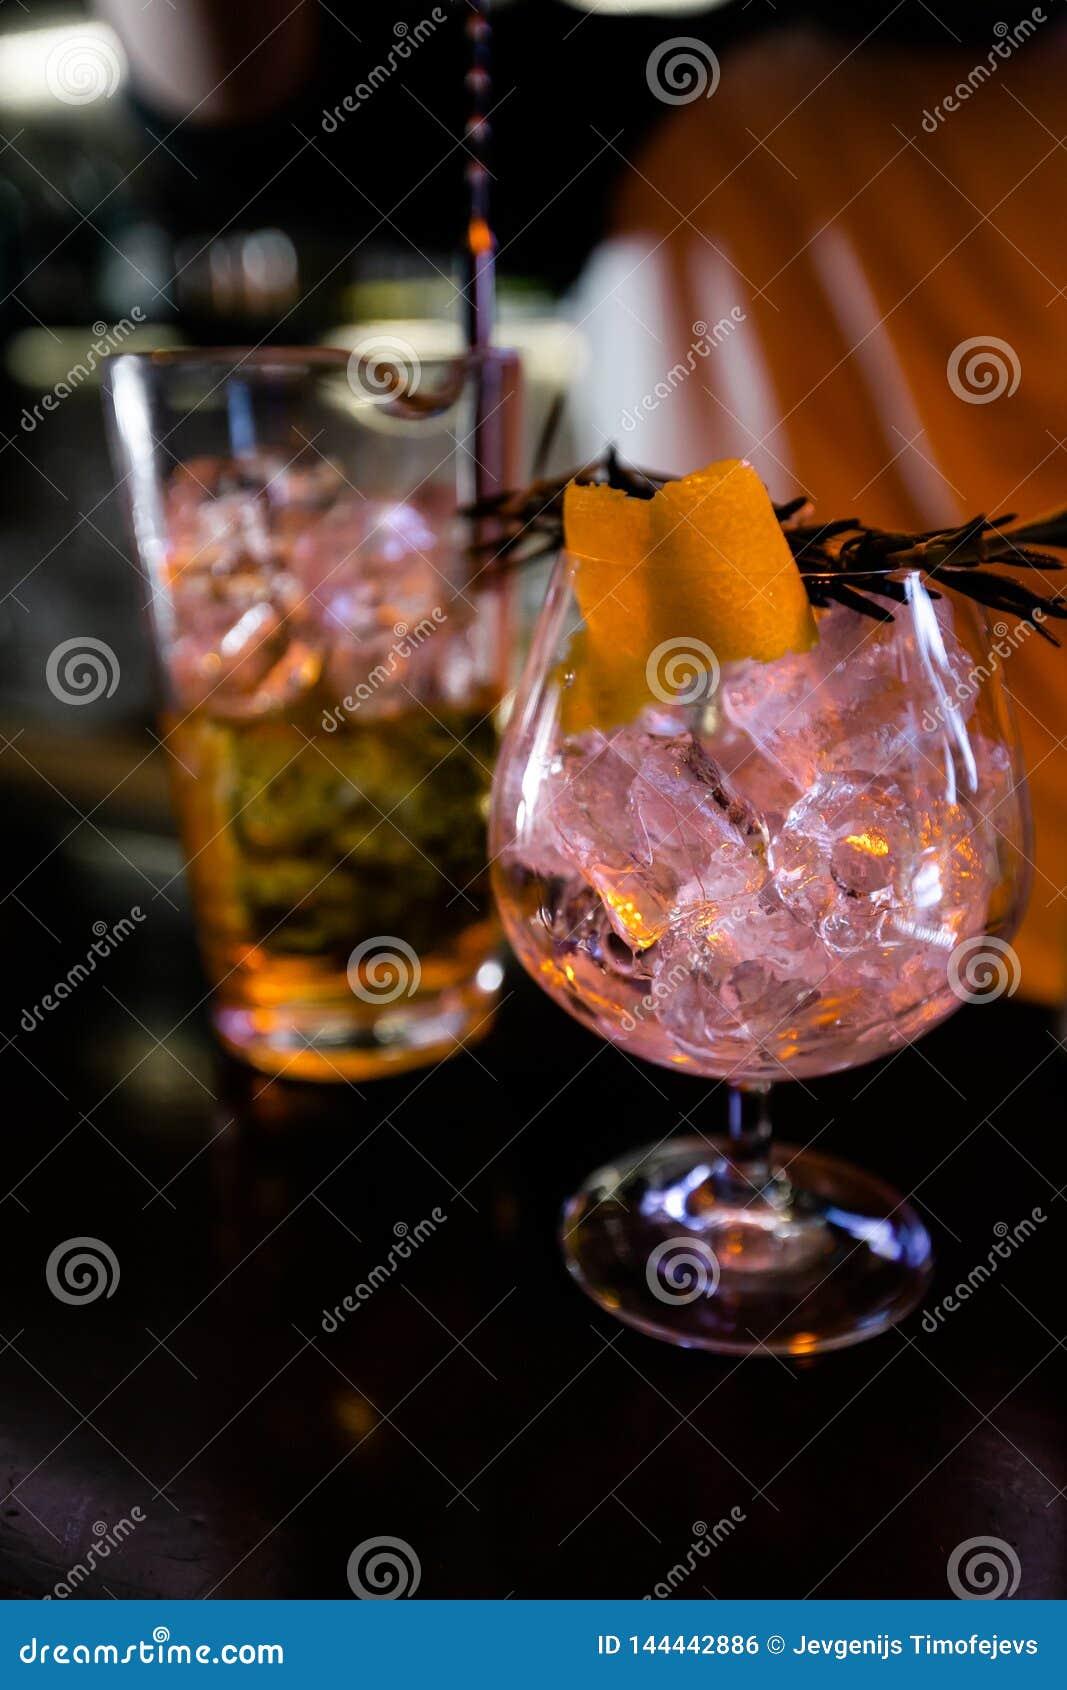 Коктейли бармены в ночном клубе - навыки бармена показаны